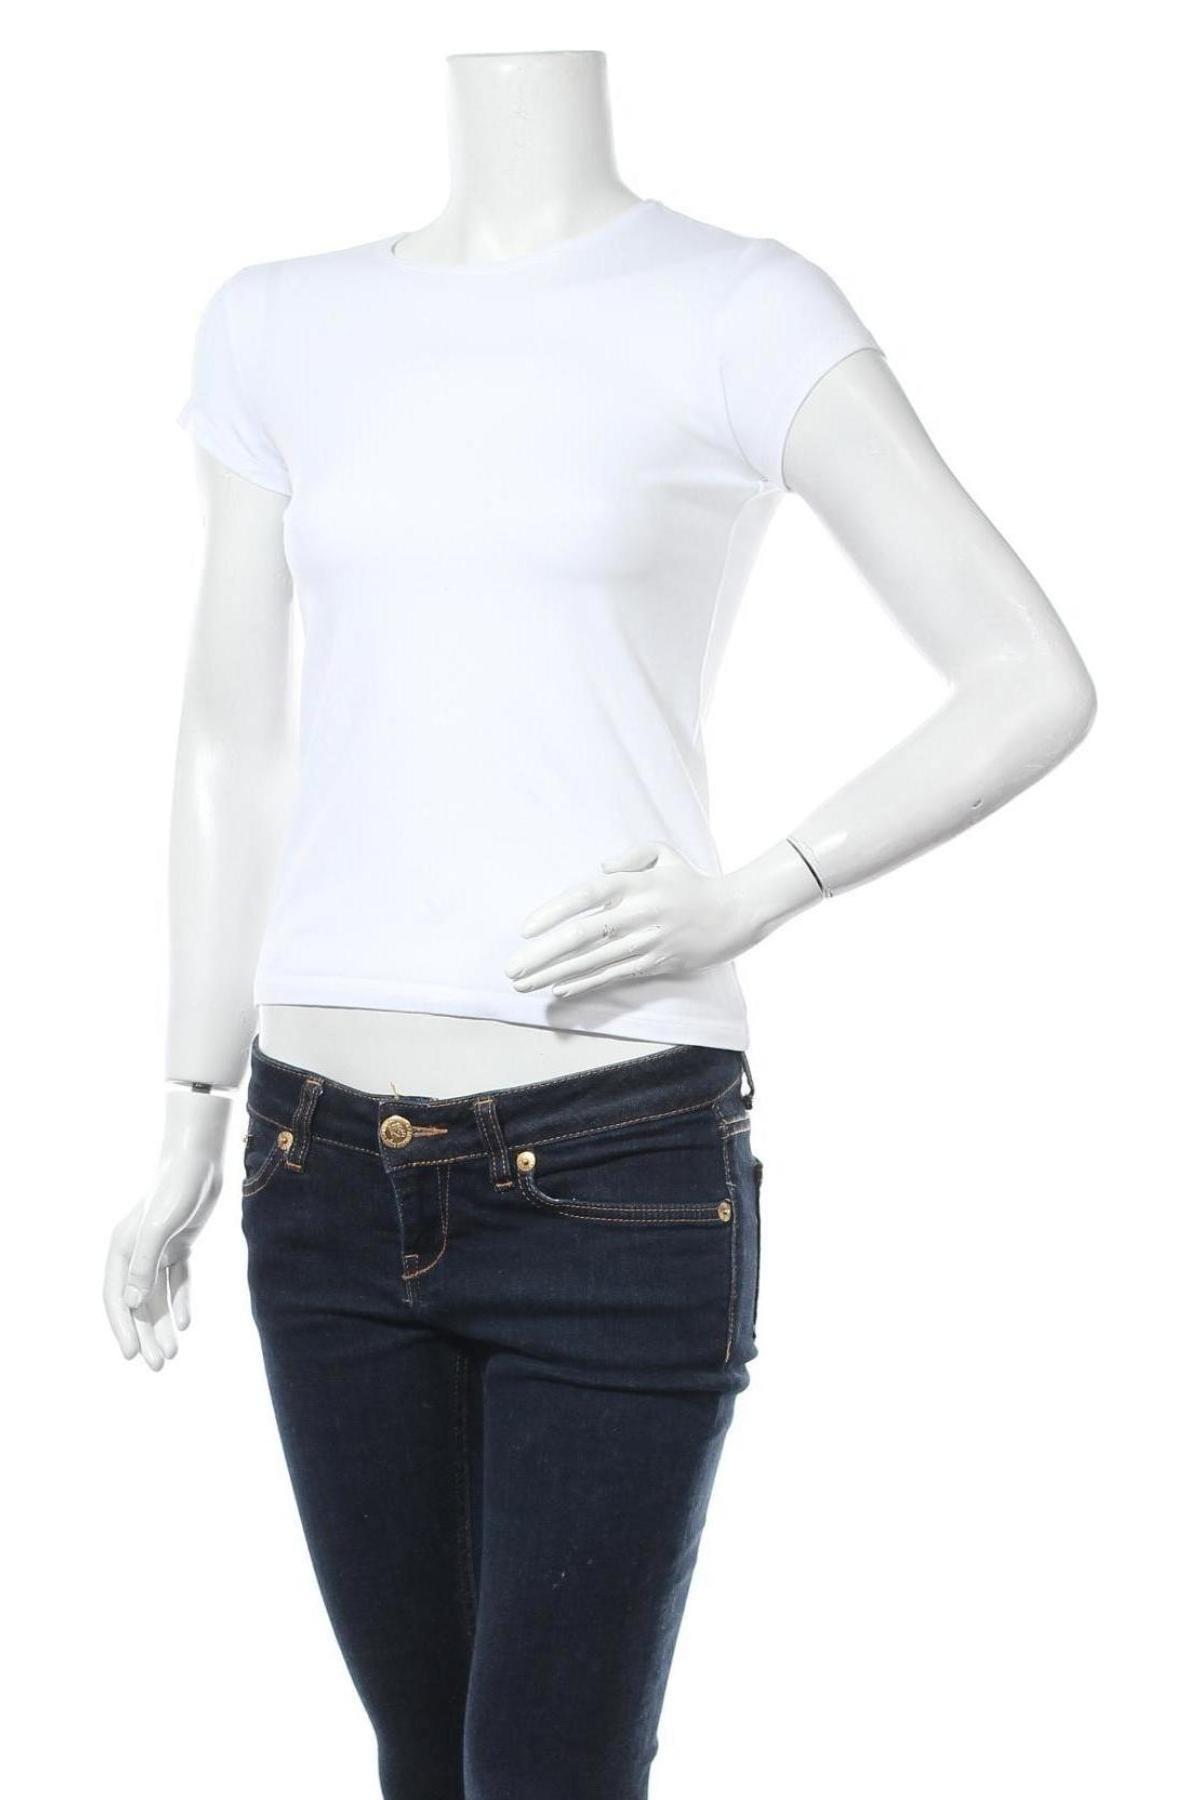 Дамска тениска Massimo Dutti, Размер S, Цвят Бял, 92% памук, 8% еластан, Цена 18,90лв.